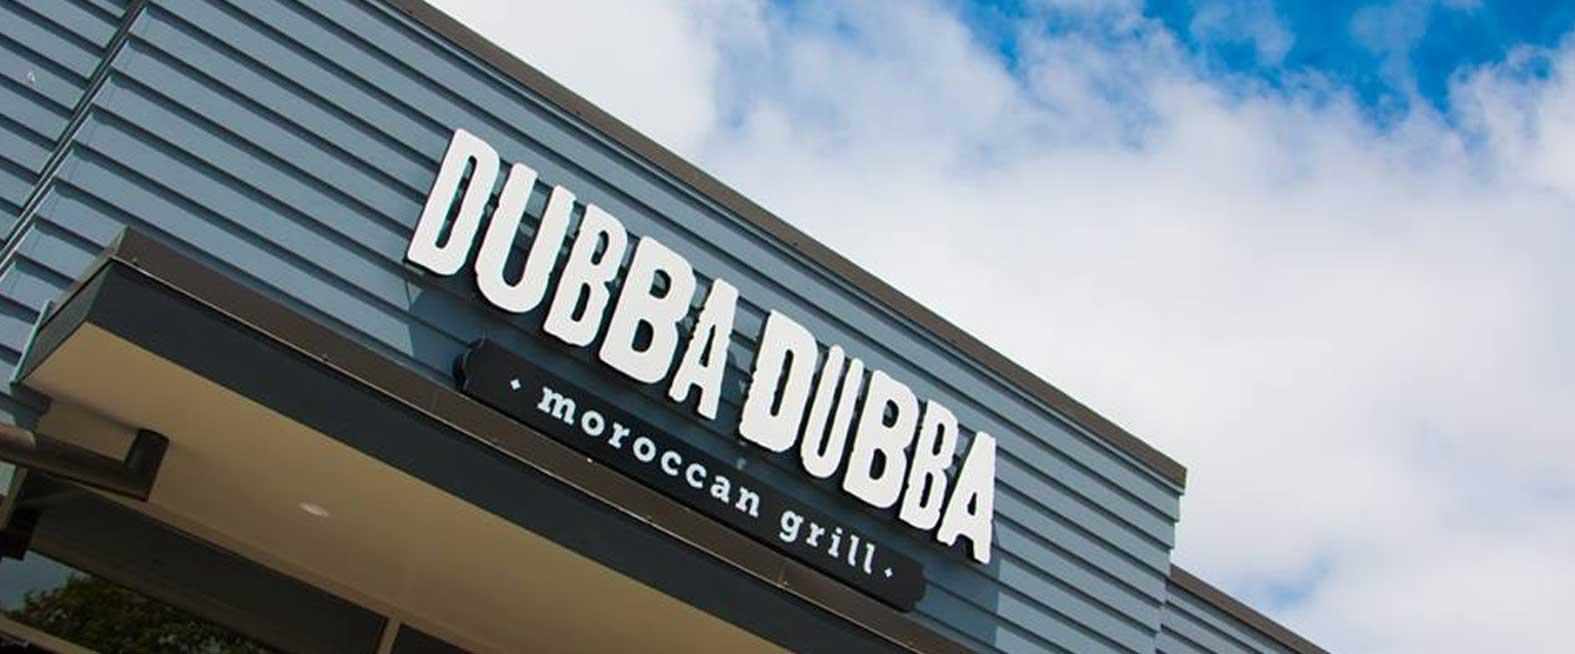 Dubba Dubba